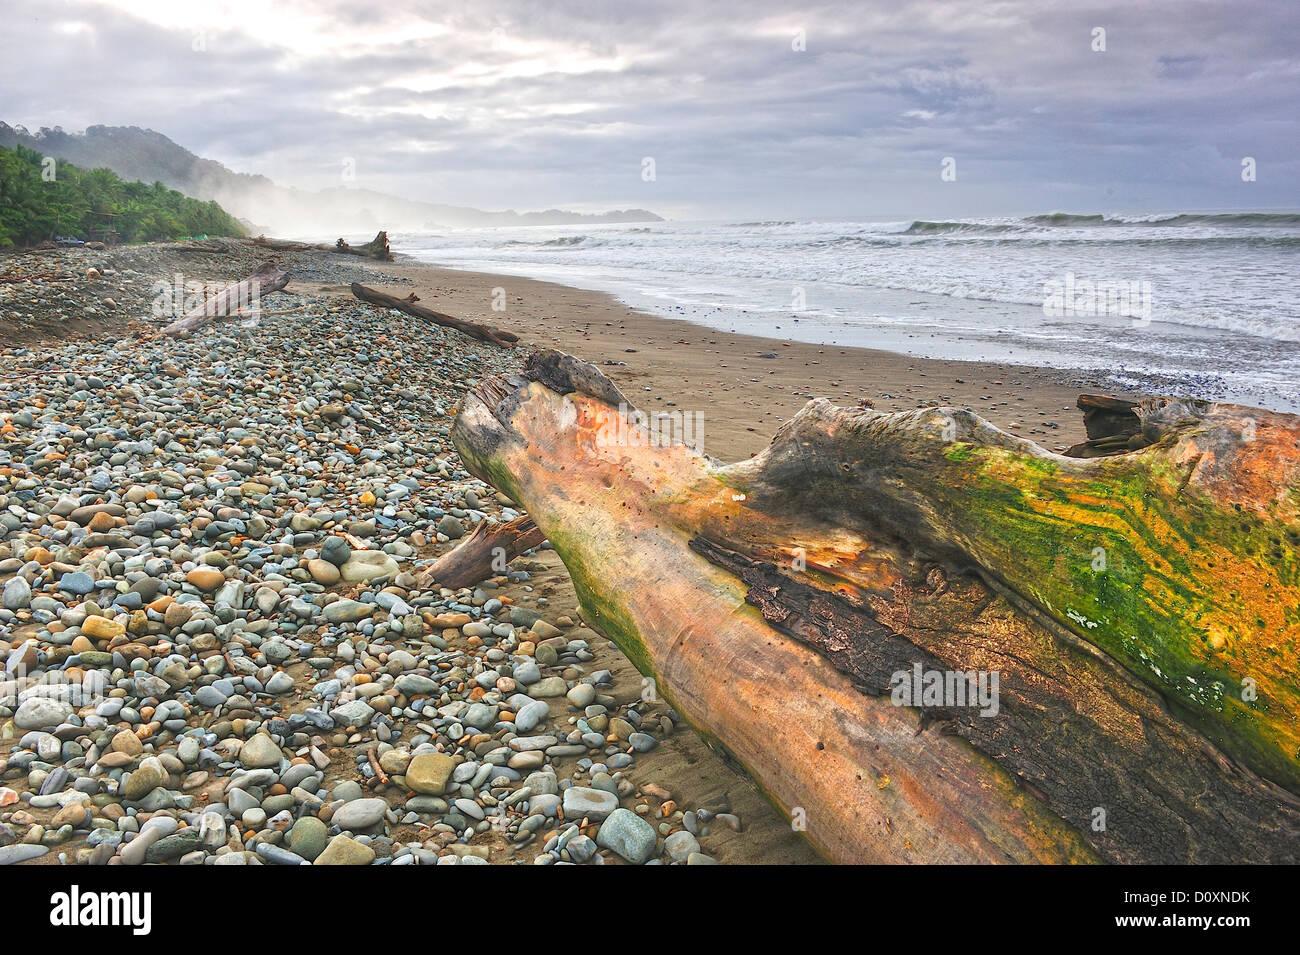 America centrale, Costa Rica, spiaggia ghiaiosa, Pacific Coast, robusto, surf, driftwood Immagini Stock